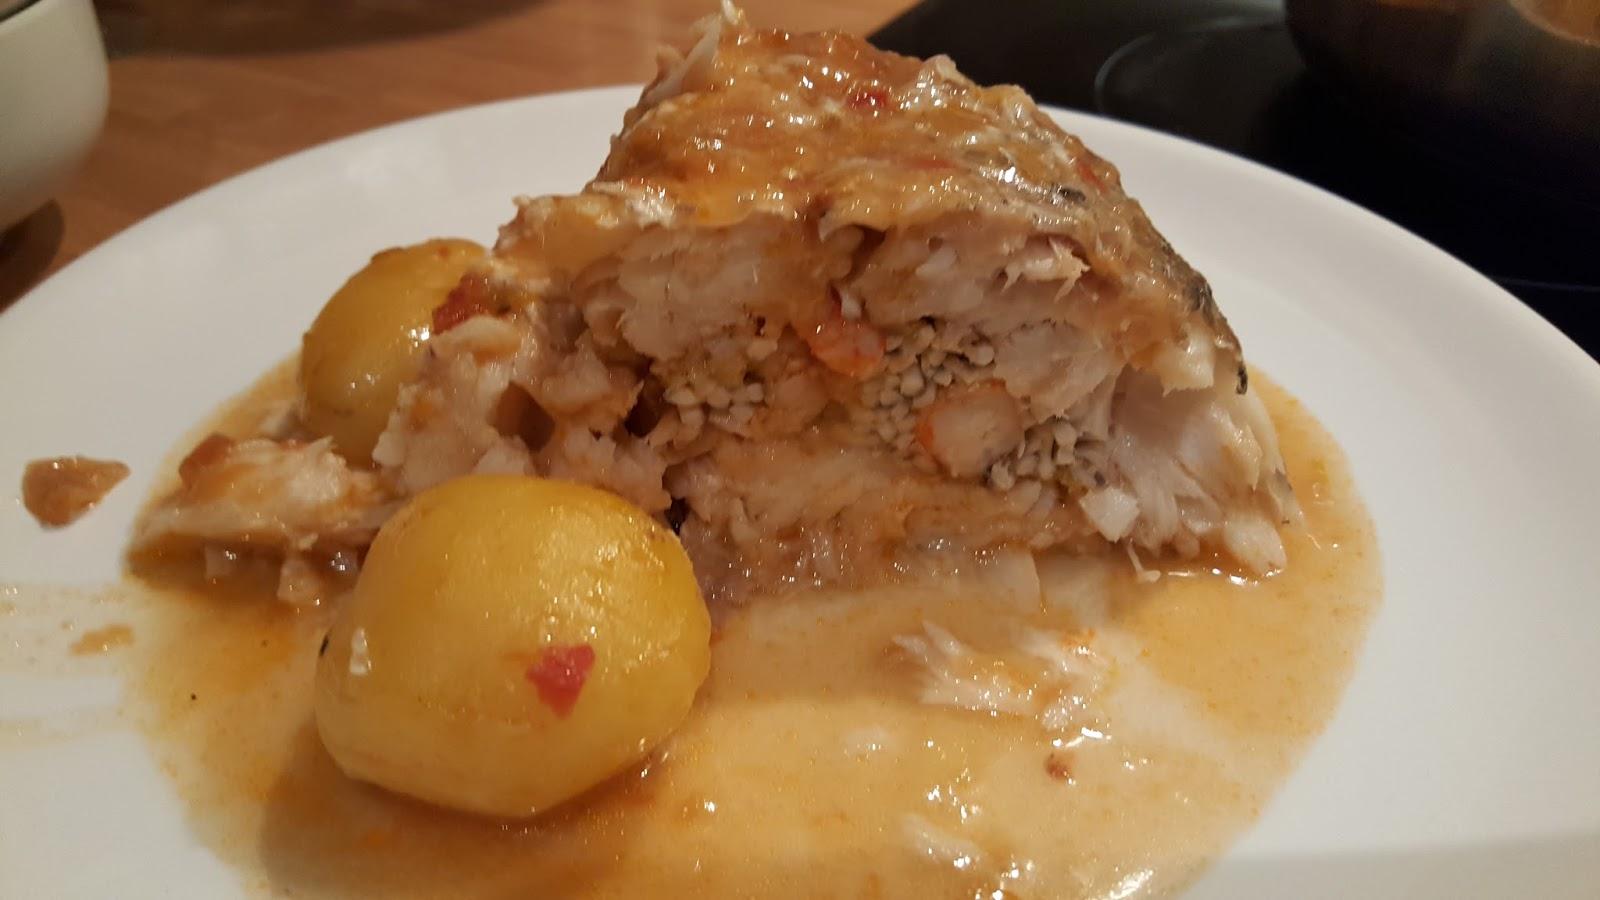 Mis recetas escondidas merluza rellena al horno - Merluza rellena de marisco al horno ...